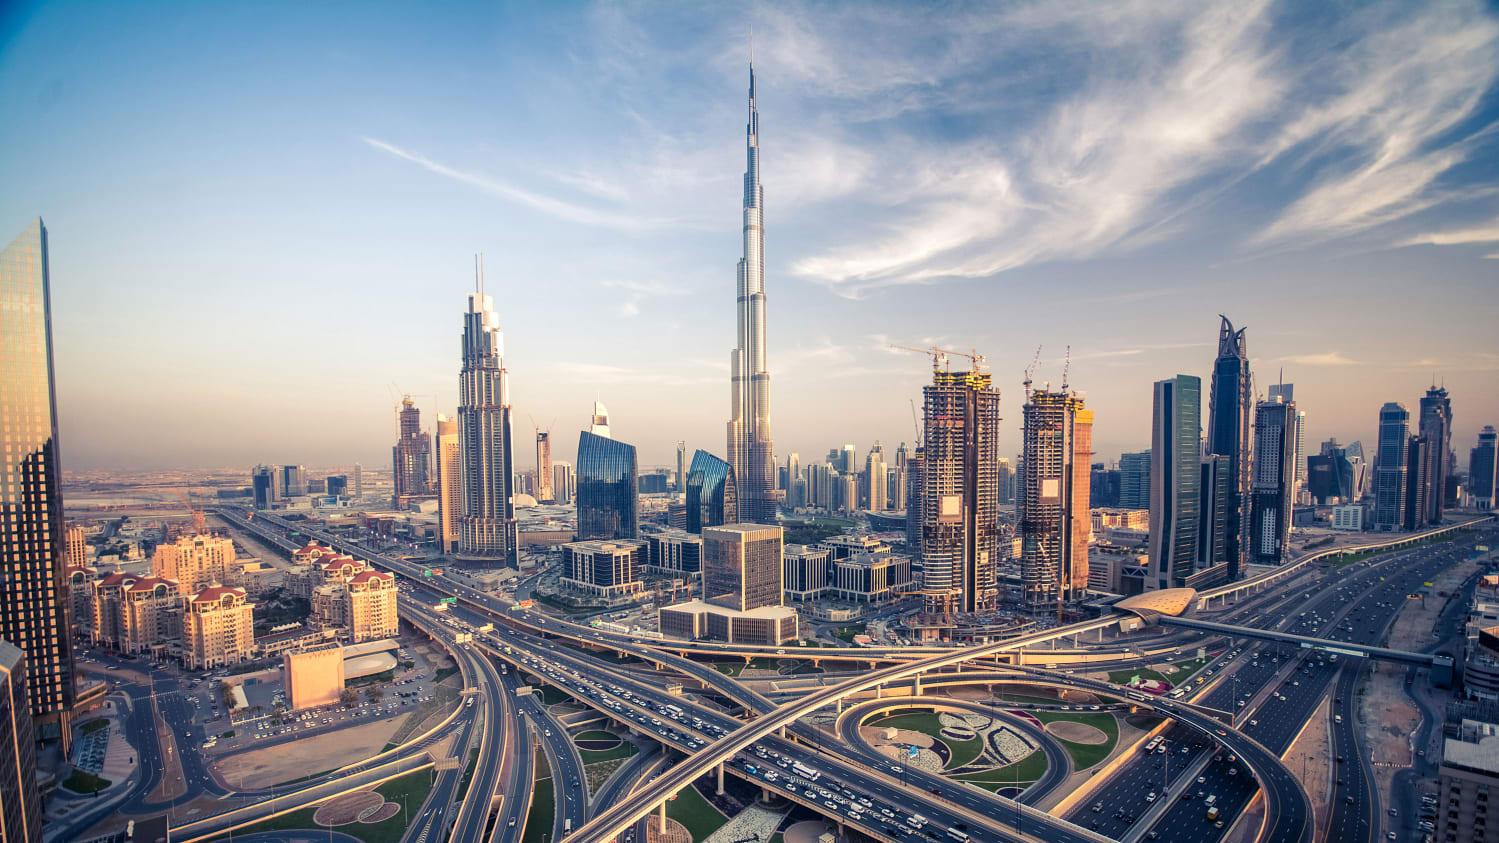 12 Most famous buildings in Dubai